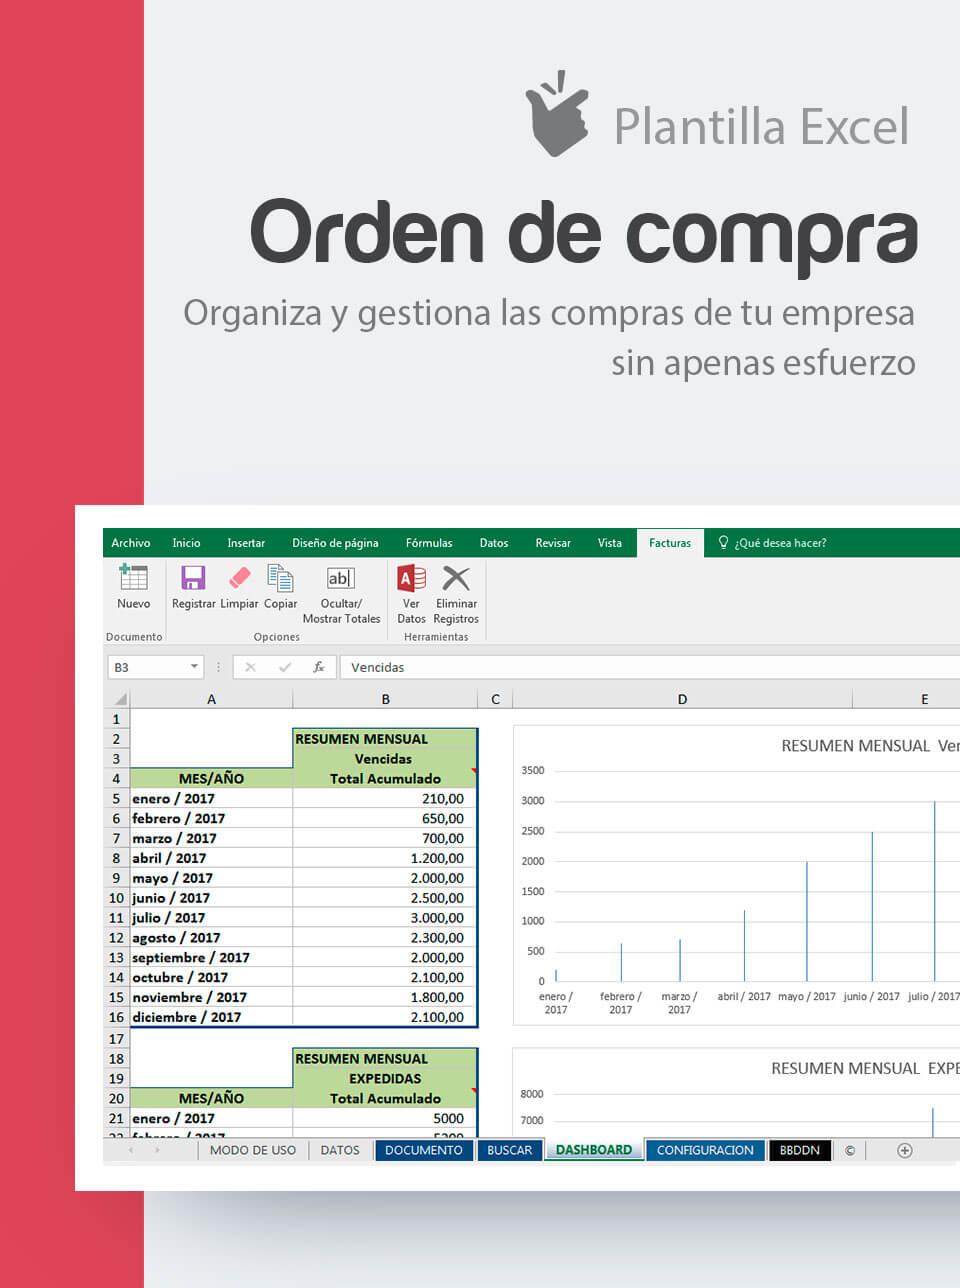 Plantilla Excel Orden de Compra | Modelo Excel notas de pedido